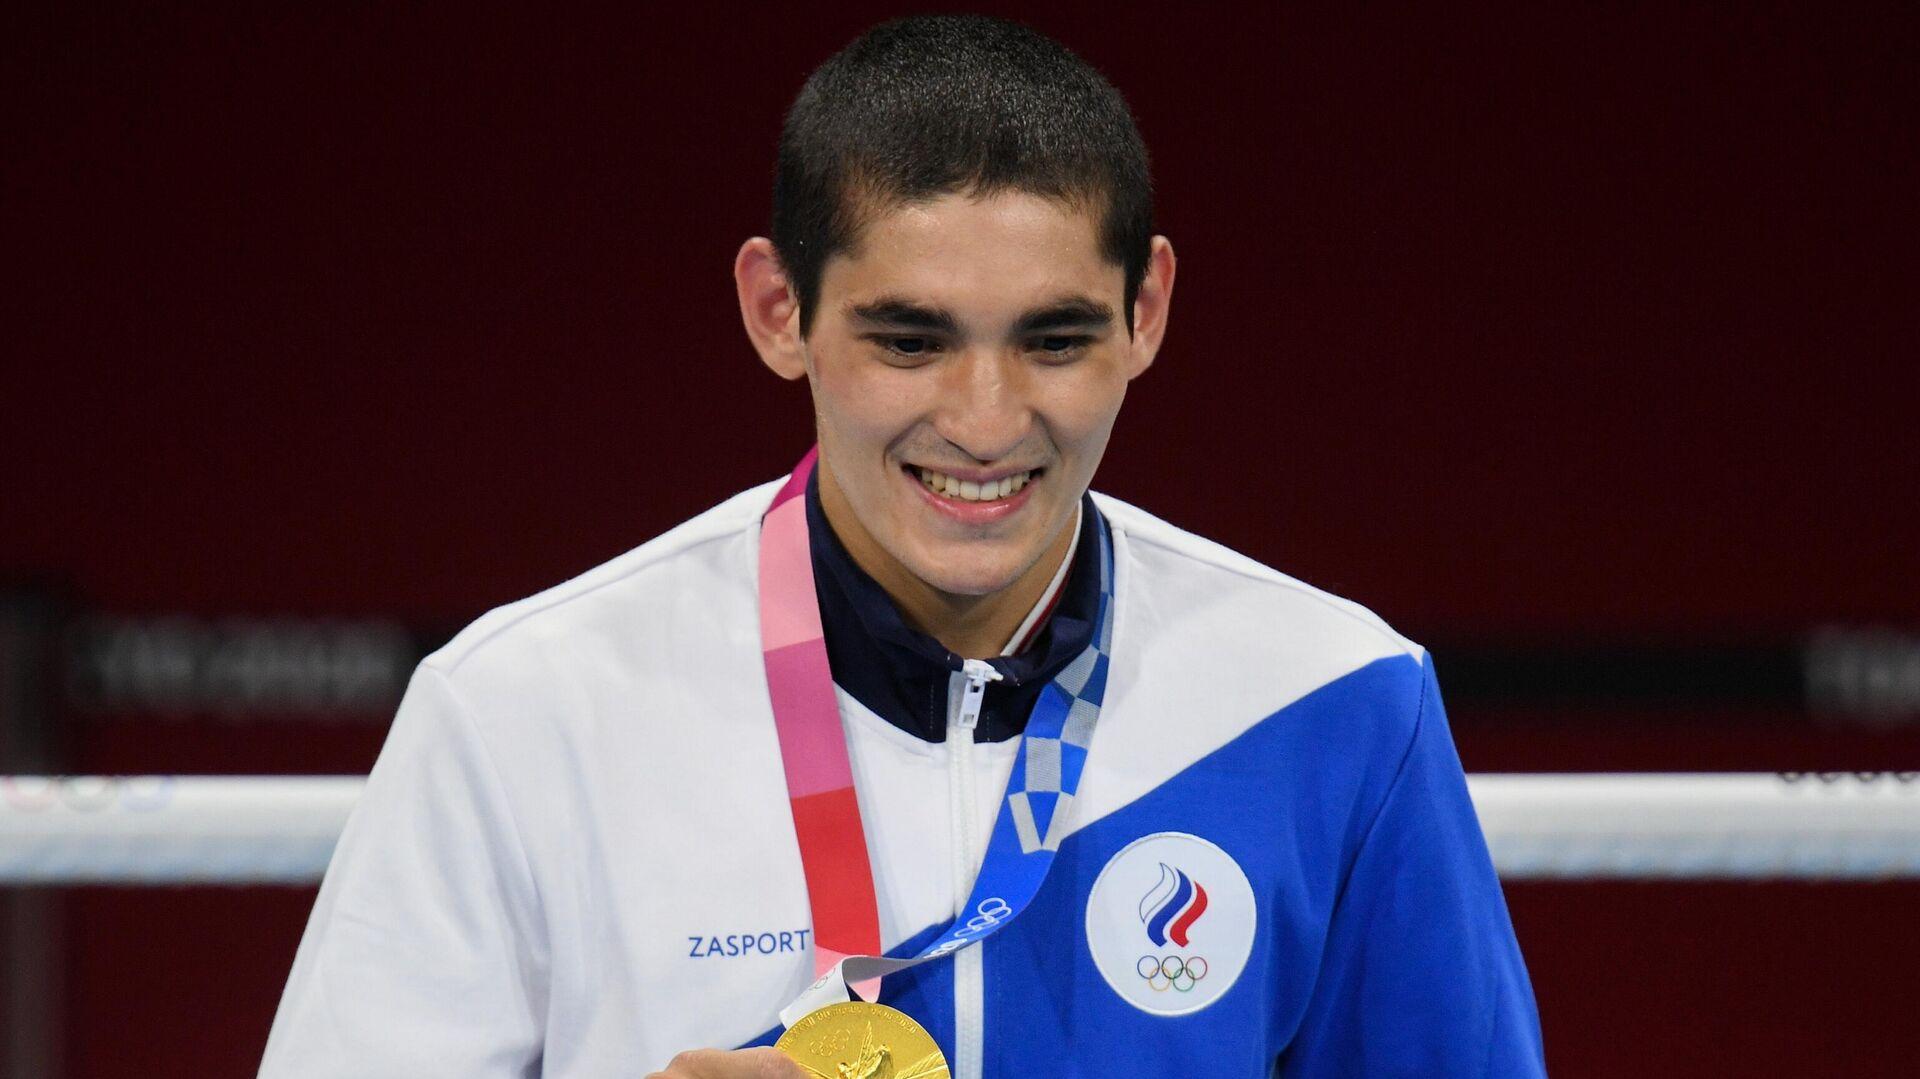 Альберт Батыргазиев, завоевавший золотую медаль в соревнованиях по боксу среди мужчин в весовой категории до 57 кг на XXXII летних Олимпийских играх в Токио - РИА Новости, 1920, 05.08.2021